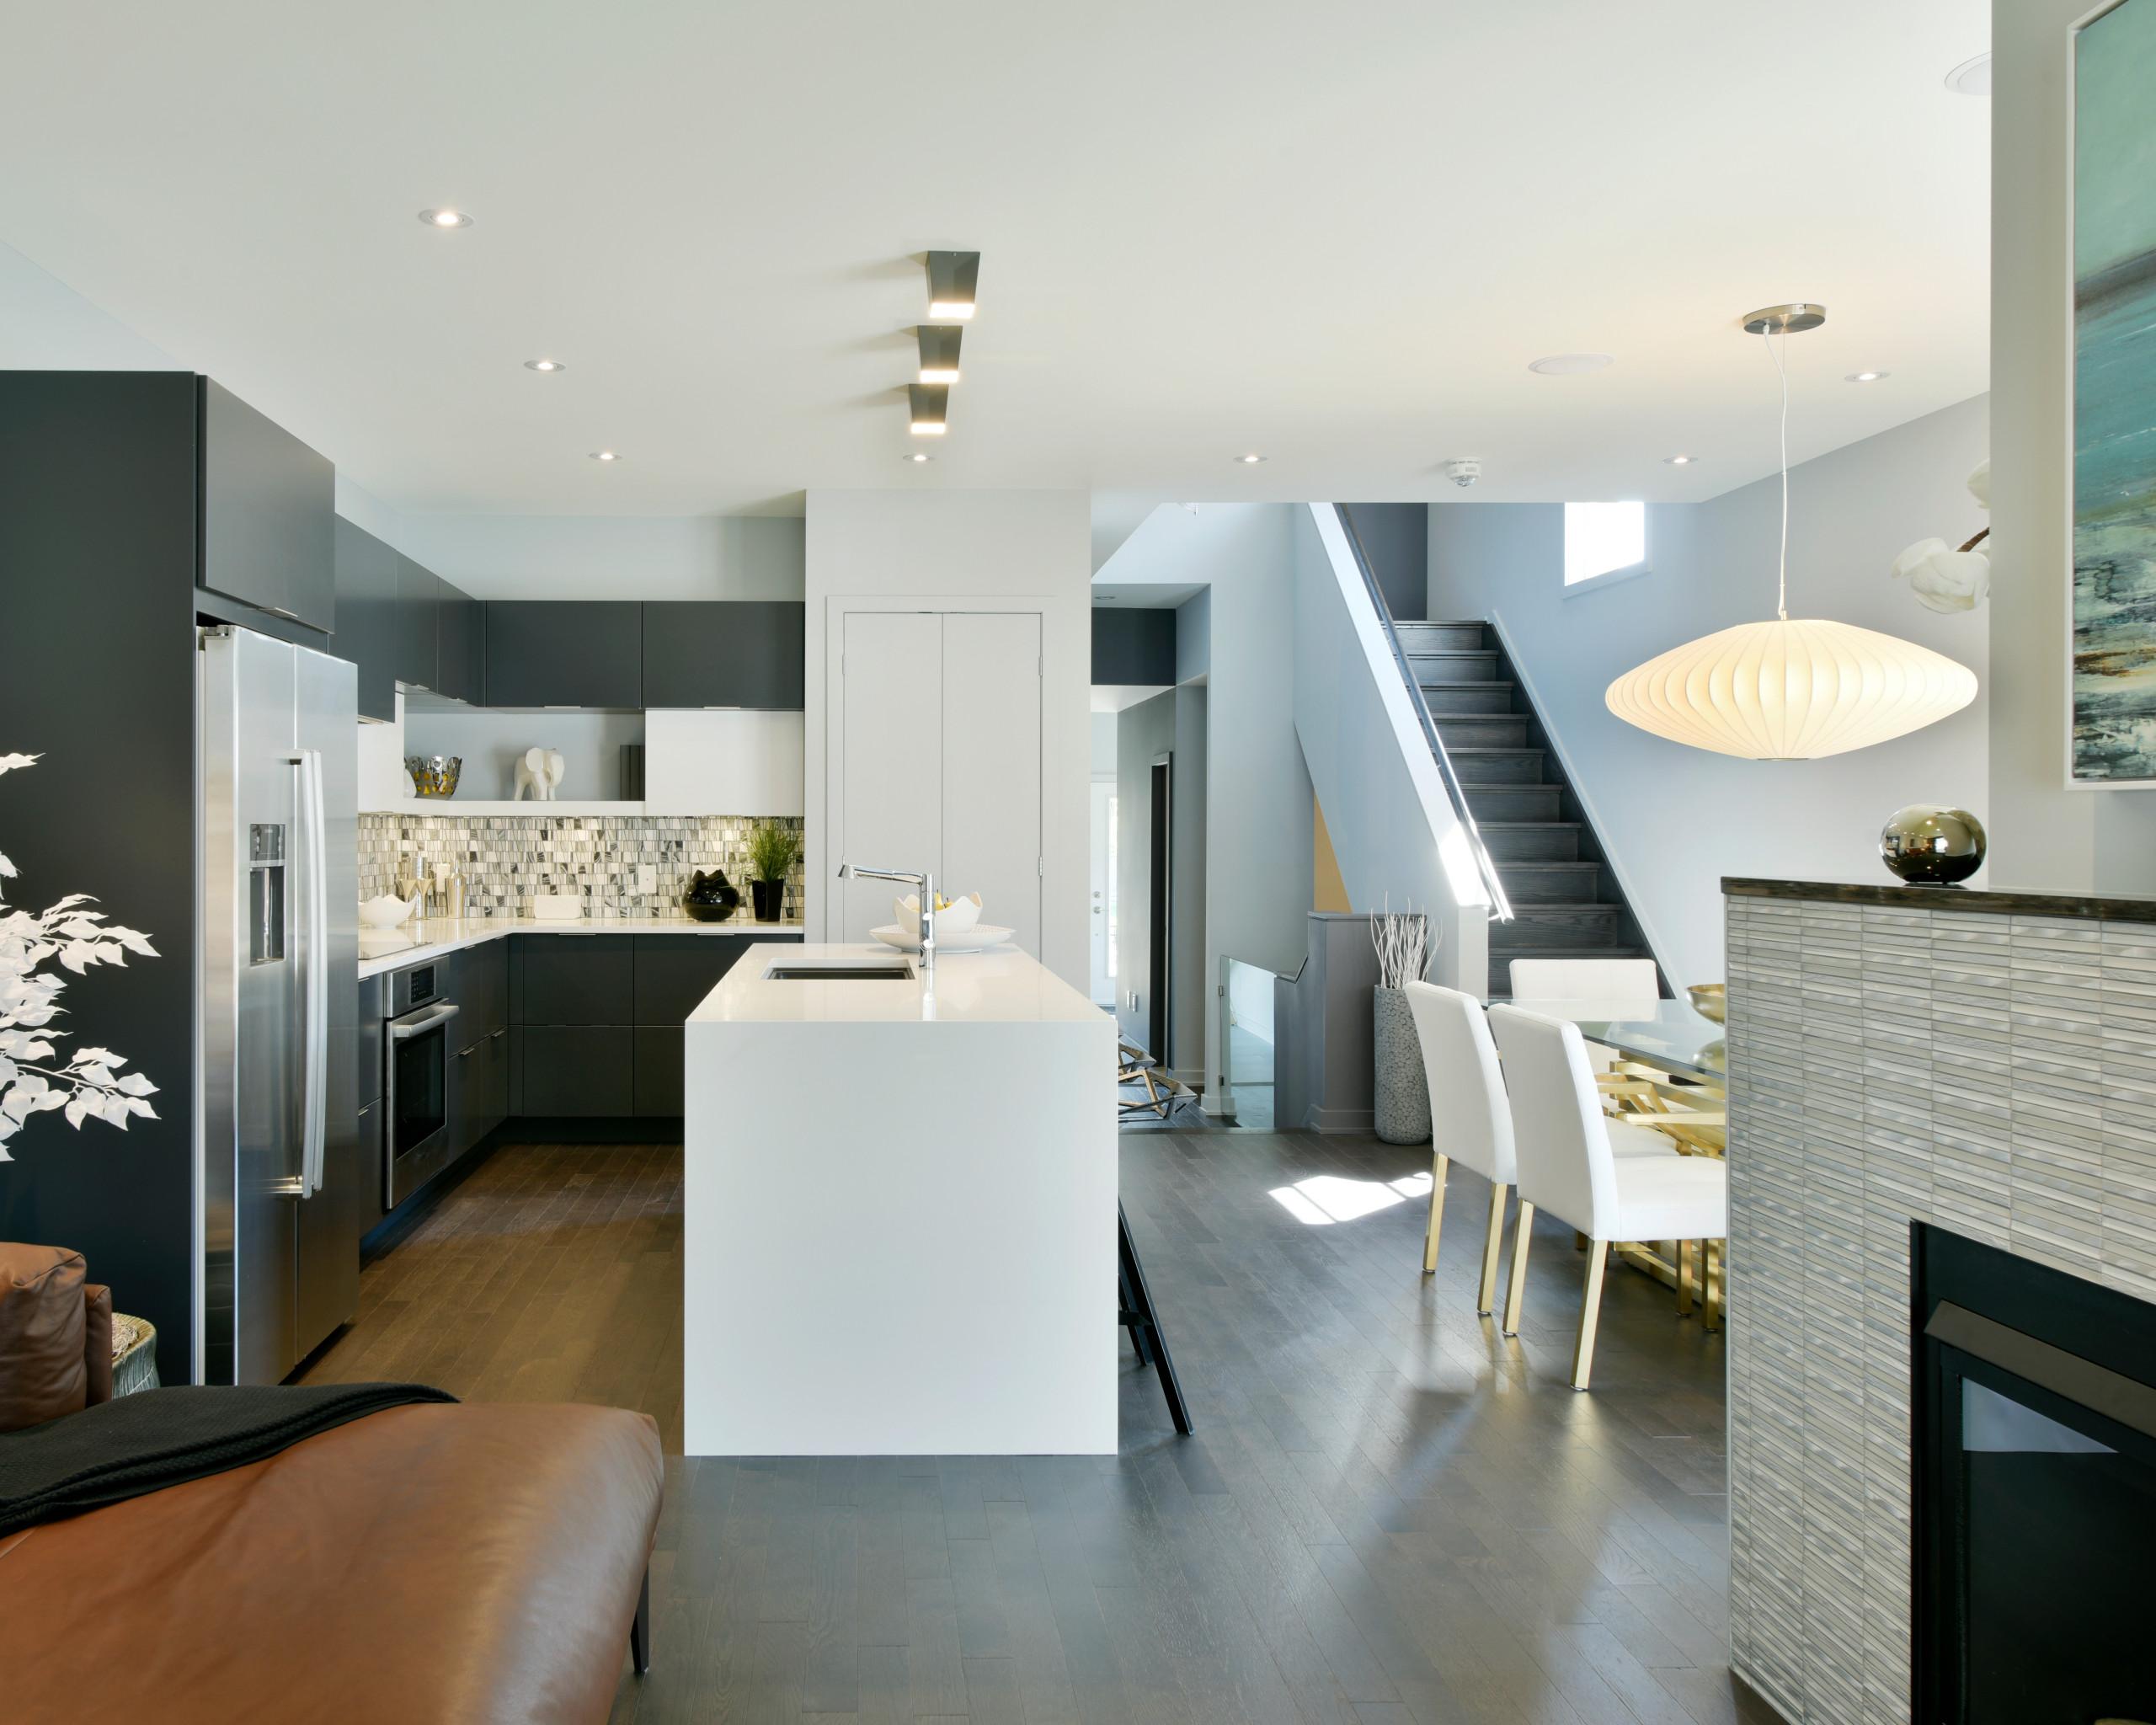 A Deslaurier kitchen design and installation